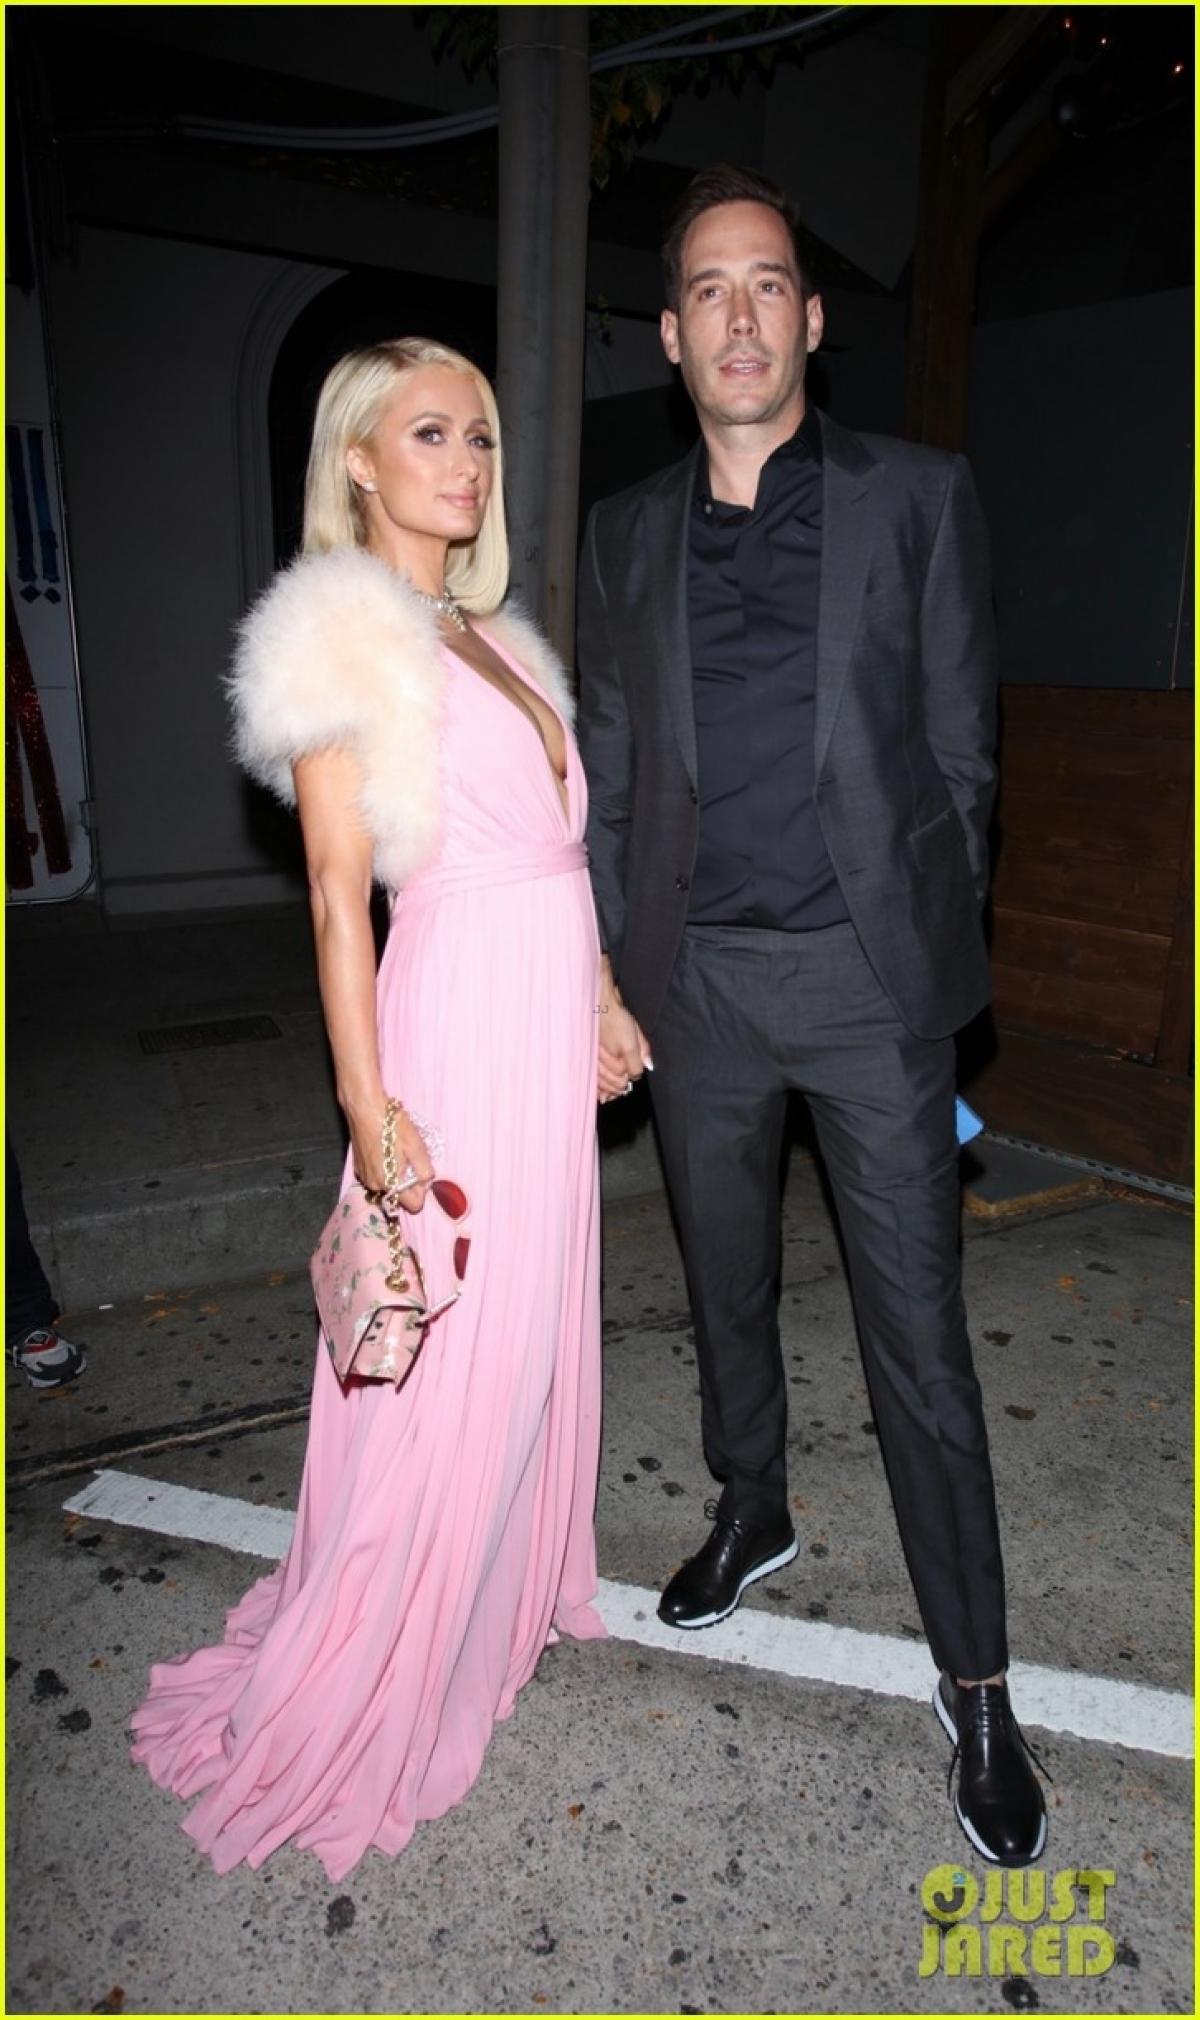 """Đồng thời, Paris Hilton cũng khẳng định, cô """"không thể chờ đợi"""" thêm nữa để bắt đầu cuộc sống gia đình với Carter Reum."""